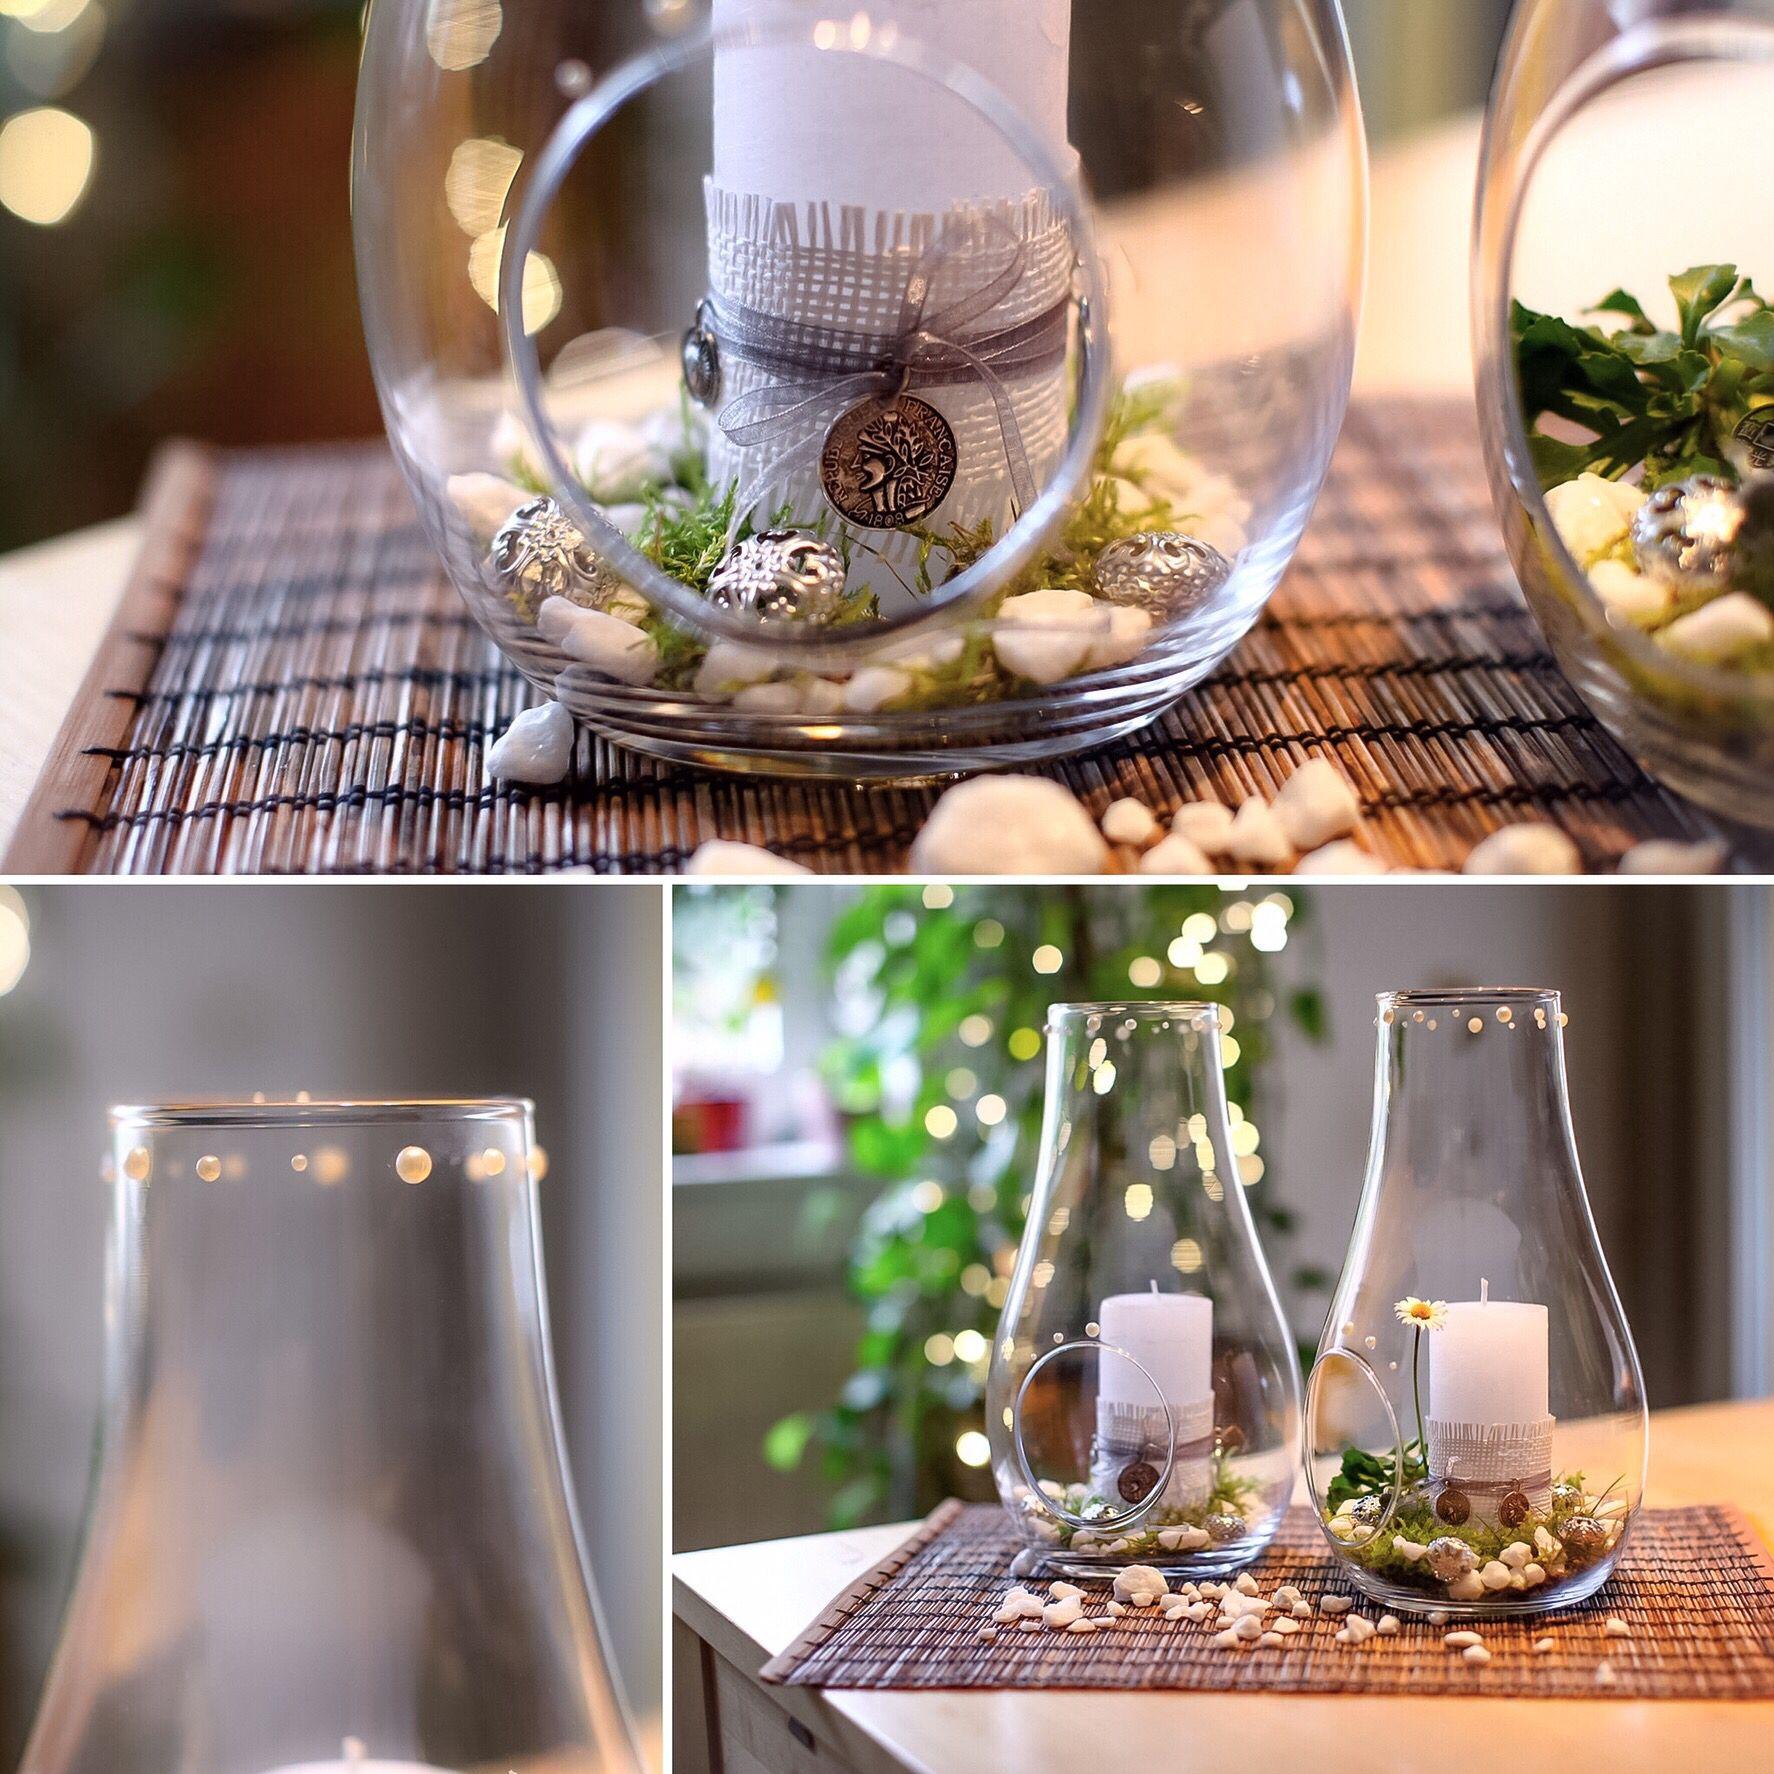 Deko Glas Mit Kerze Etwas Moos Weissen Steinen Und Perlen Deko